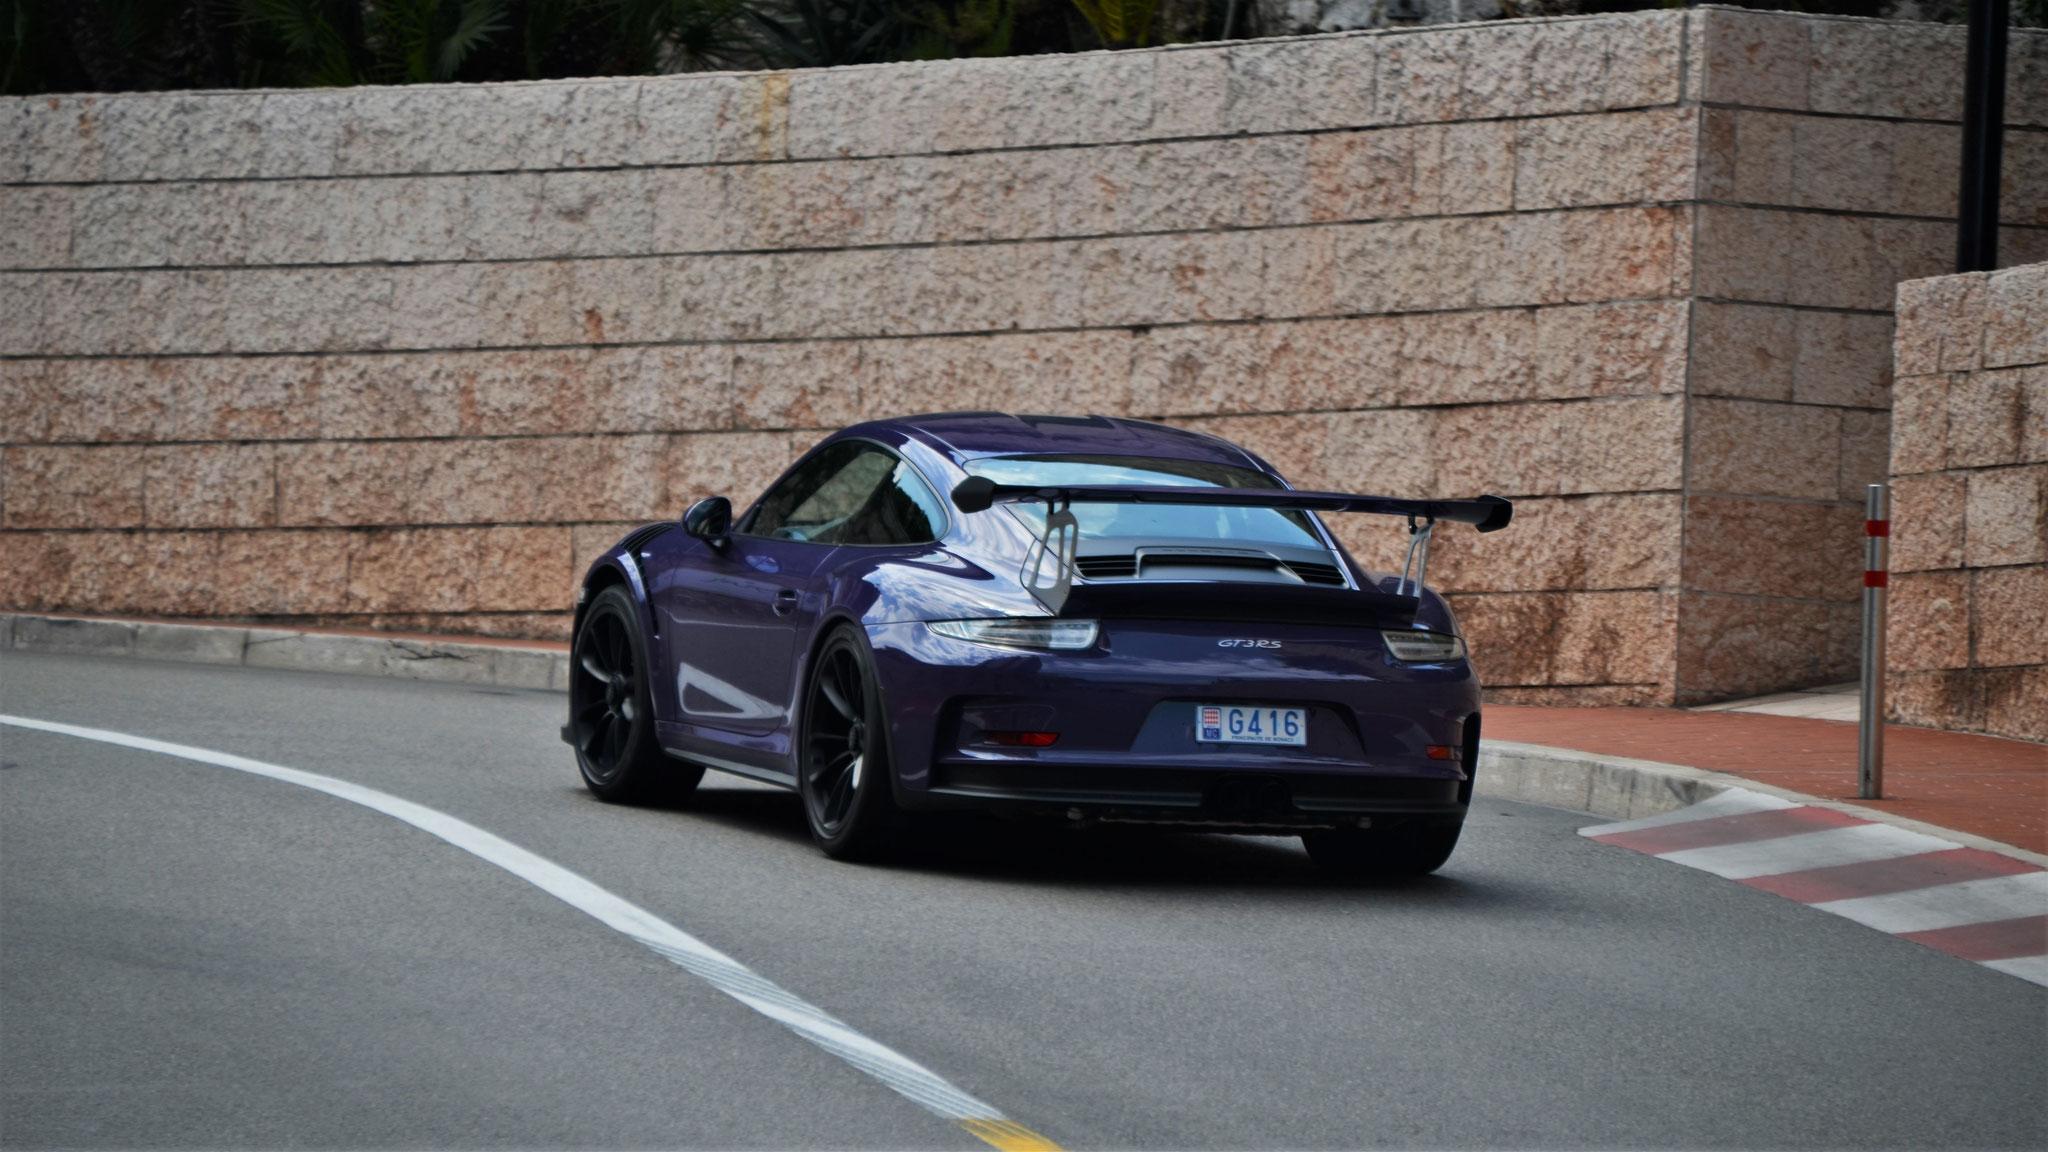 Porsche 911 GT3 RS - G416 (MC)